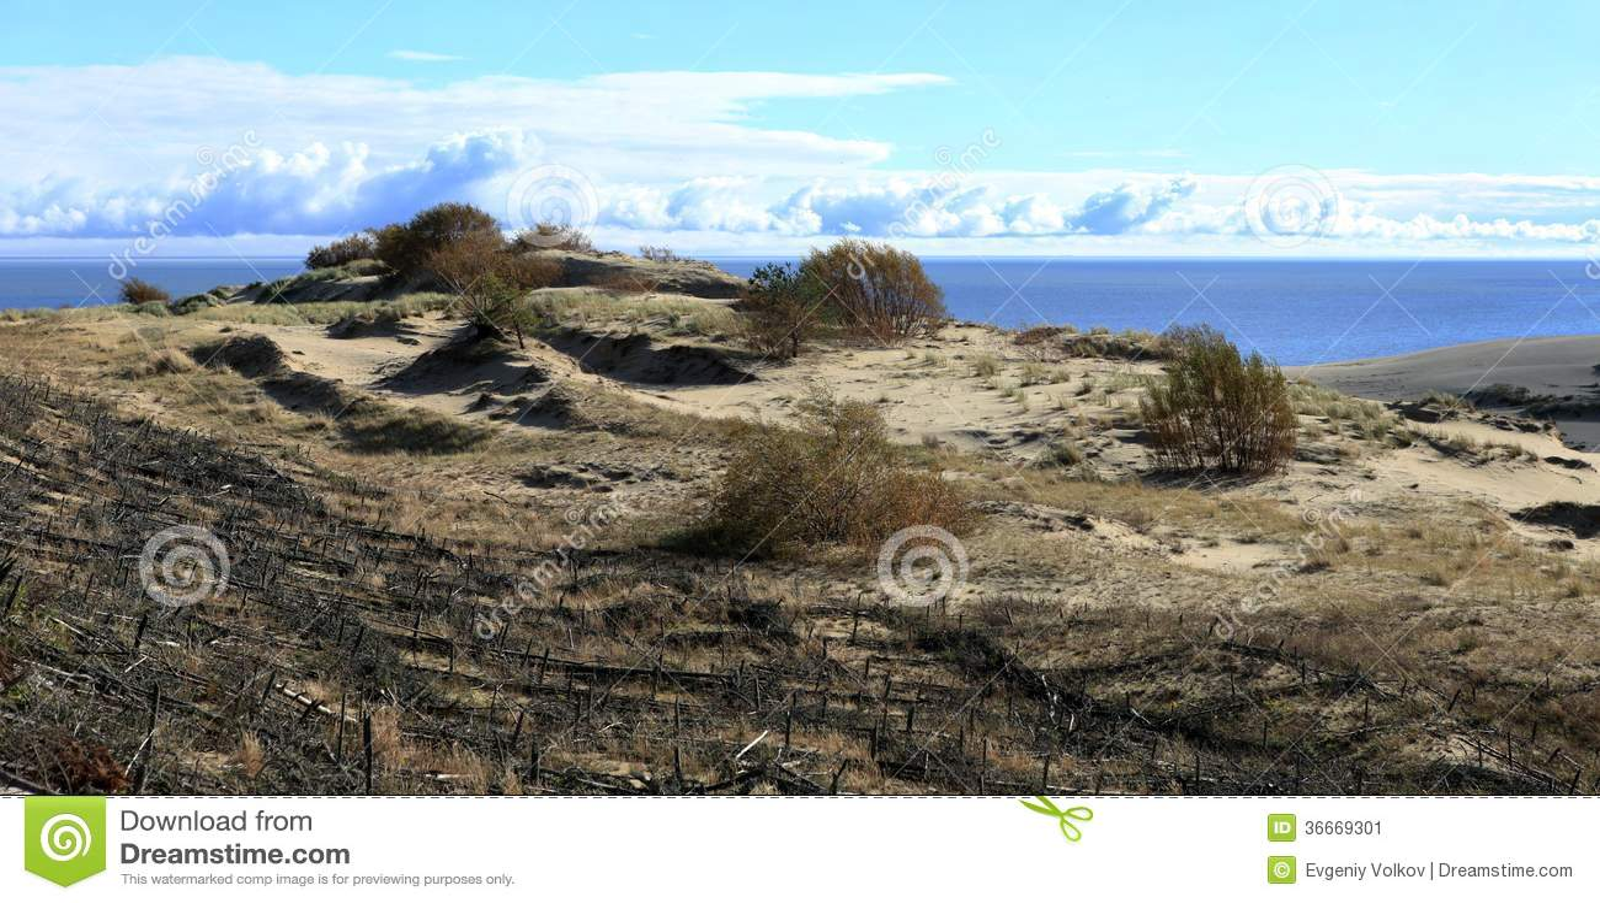 zandige duinen van baltische kust stock afbeelding. Black Bedroom Furniture Sets. Home Design Ideas